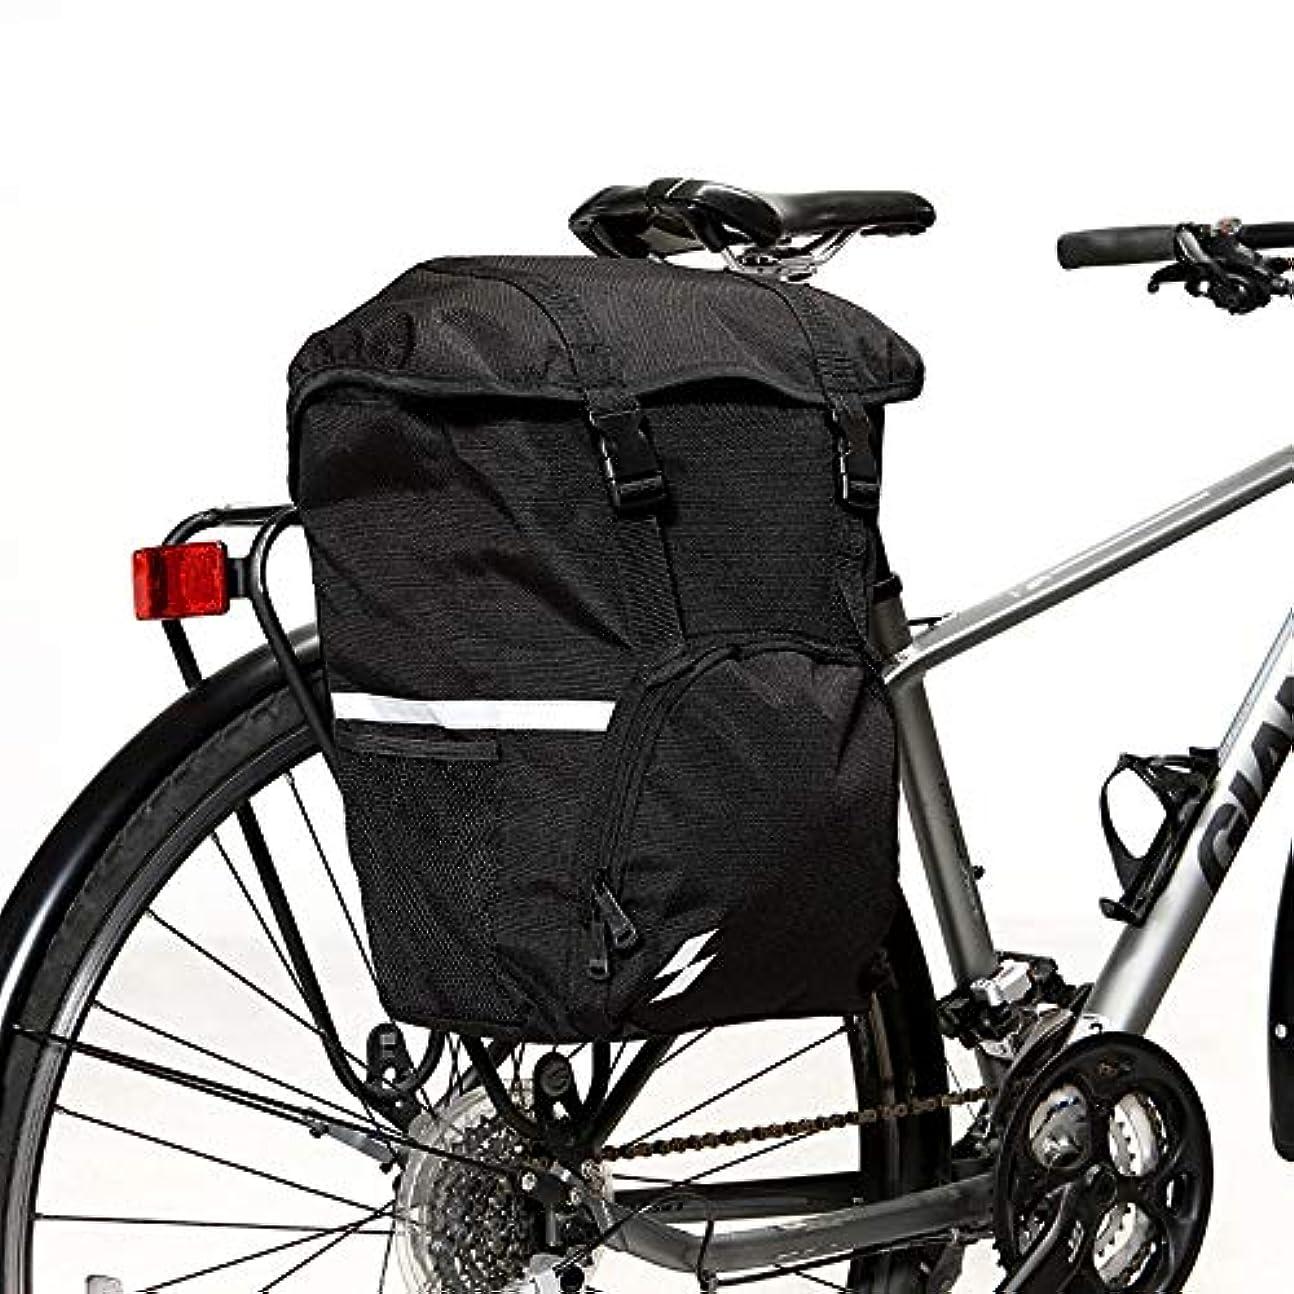 あえてトースト書き出す自転車パニエ自転車後部座席バッグ、屋外自転車自転車サイクリングMTB後部ラックパニエショルダーバッグ後部座席トランクサドルシングルサイドバッグ自転車シートパックバッグ サイクリングバッグ防水